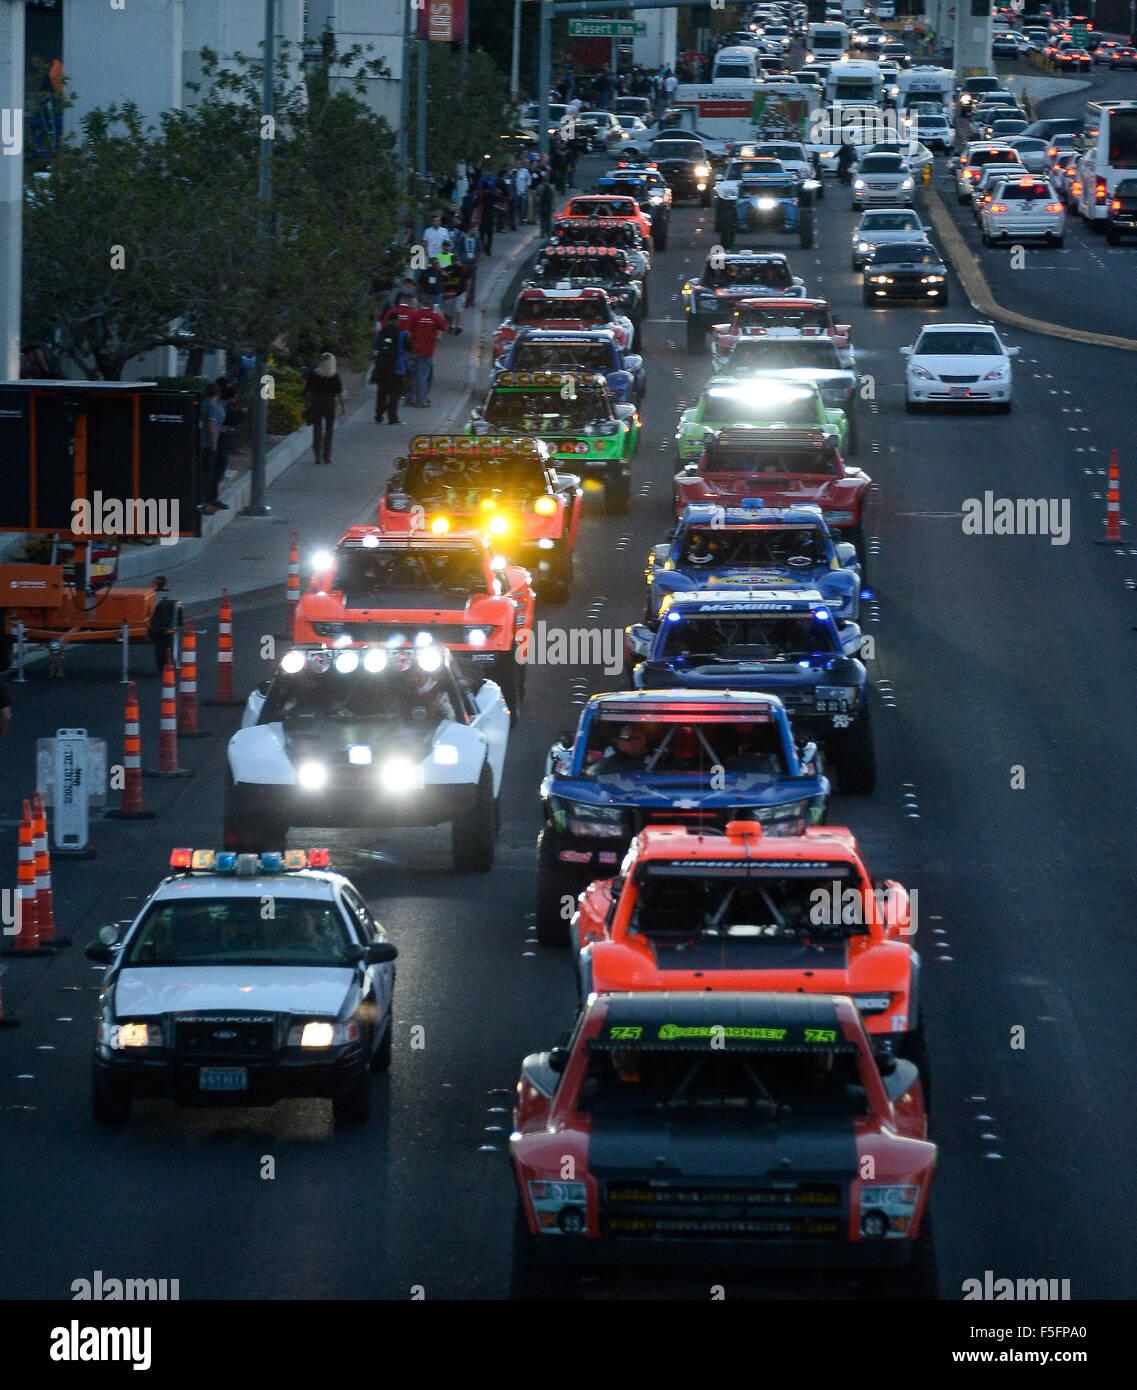 Las Vegas, Nevada, USA. 06Th Nov, 2015. Des milliers de personnes impliquées dans l'industrie automobile assister à la Specialty Equipment Market Association (SEMA) montre le mardi. Le spectacle s'exécute jusqu'à vendredi avec des centaines de voitures et d'autres produits de l'automobile sur l'affichage.Photo par Gene Blevins/LA DailyNews/ZumaPress © Gene Blevins/ZUMA/Alamy Fil Live News Crédit: ZUMA Press, Inc./Alamy Live News Banque D'Images